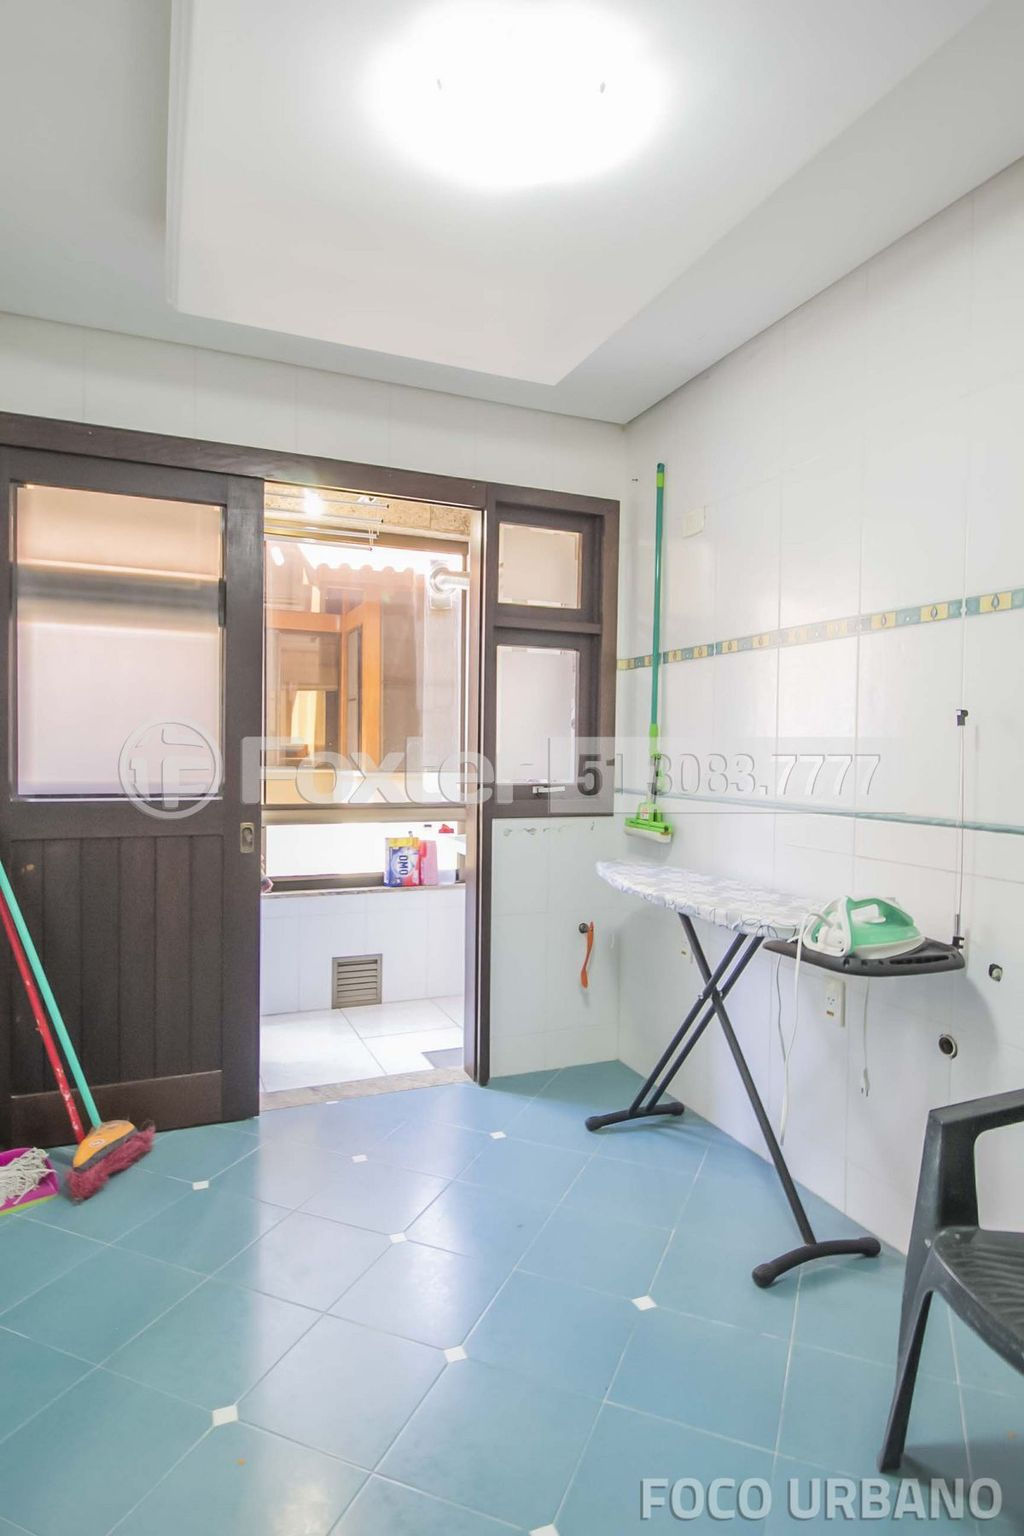 Foxter Imobiliária - Cobertura 3 Dorm (135857) - Foto 31